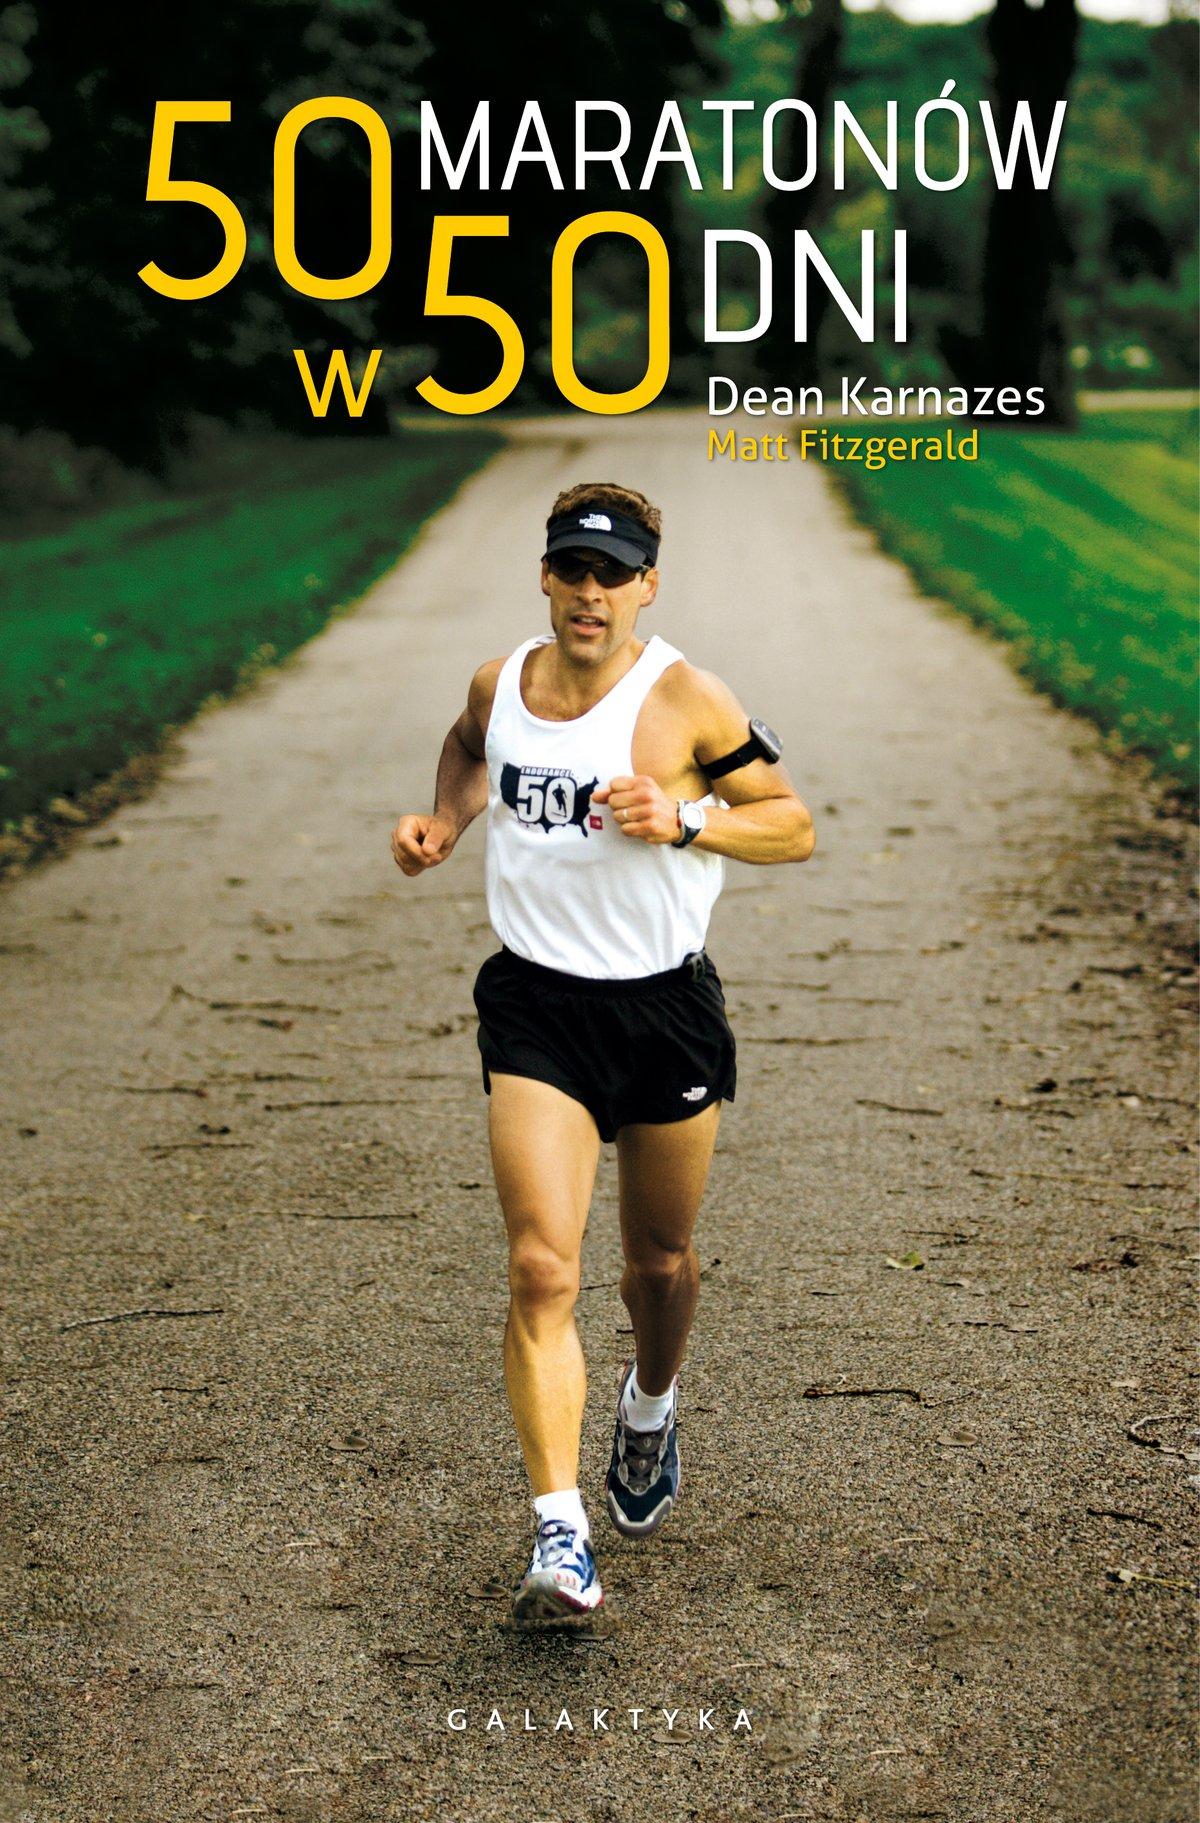 50 maratonów w 50 dni - Ebook (Książka EPUB) do pobrania w formacie EPUB